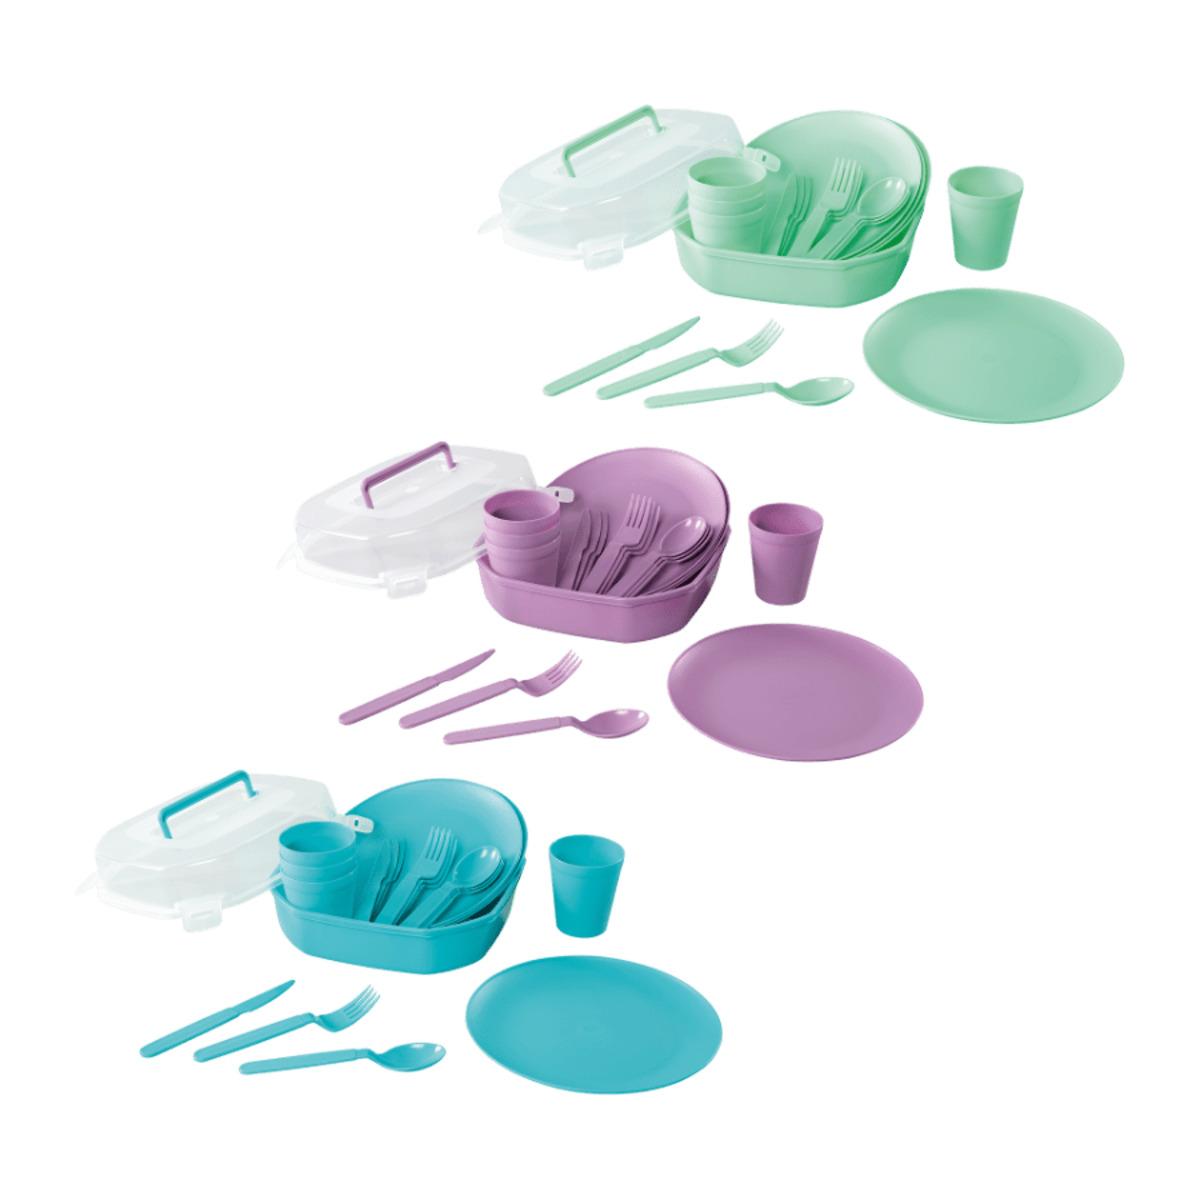 Bild 1 von HOME CREATION     Picknick-Set